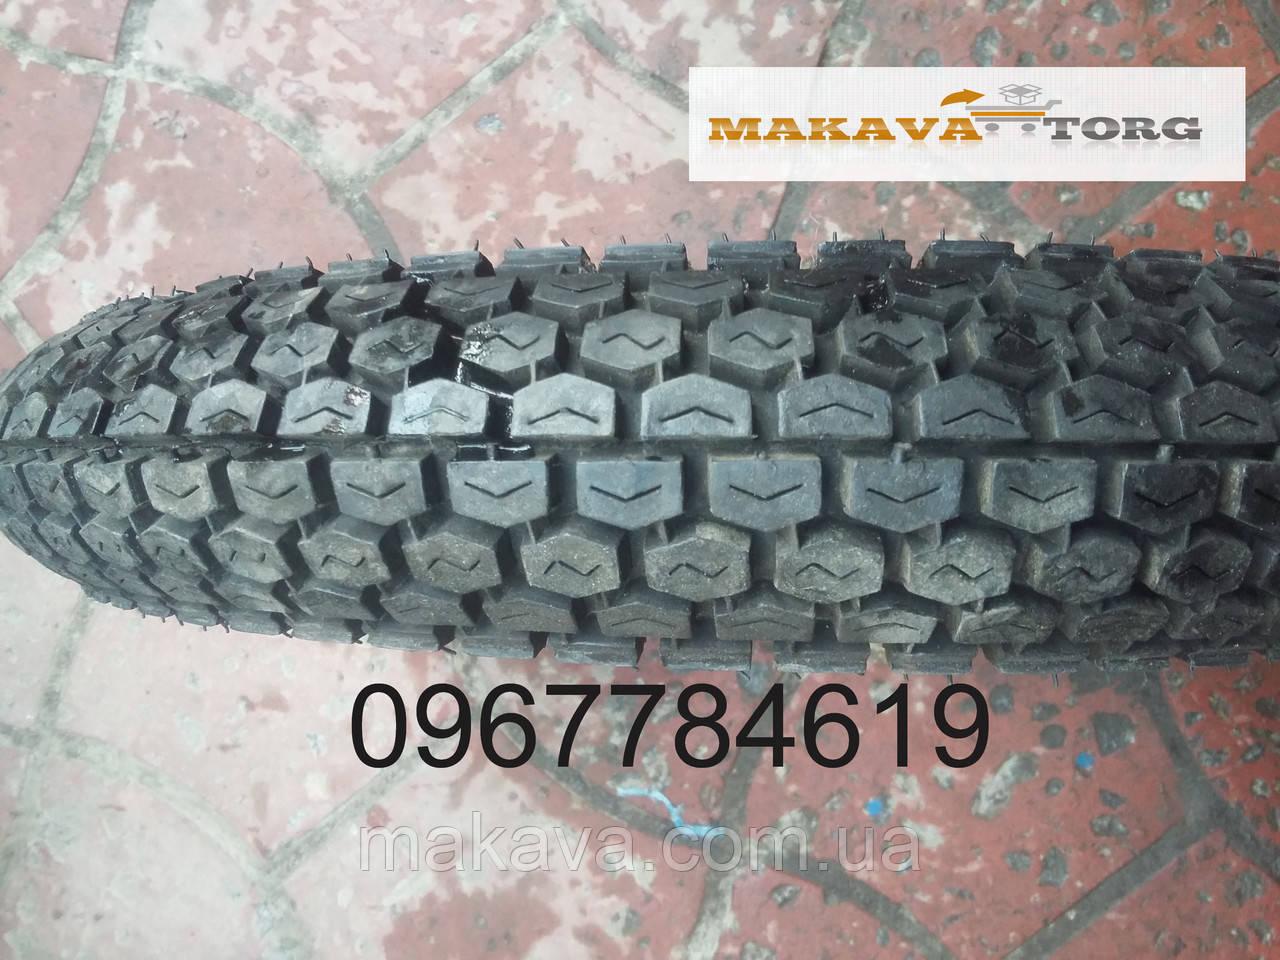 Мотоциклетні шини 3.00-10 SWALLOW HS-521 (Індонезія)